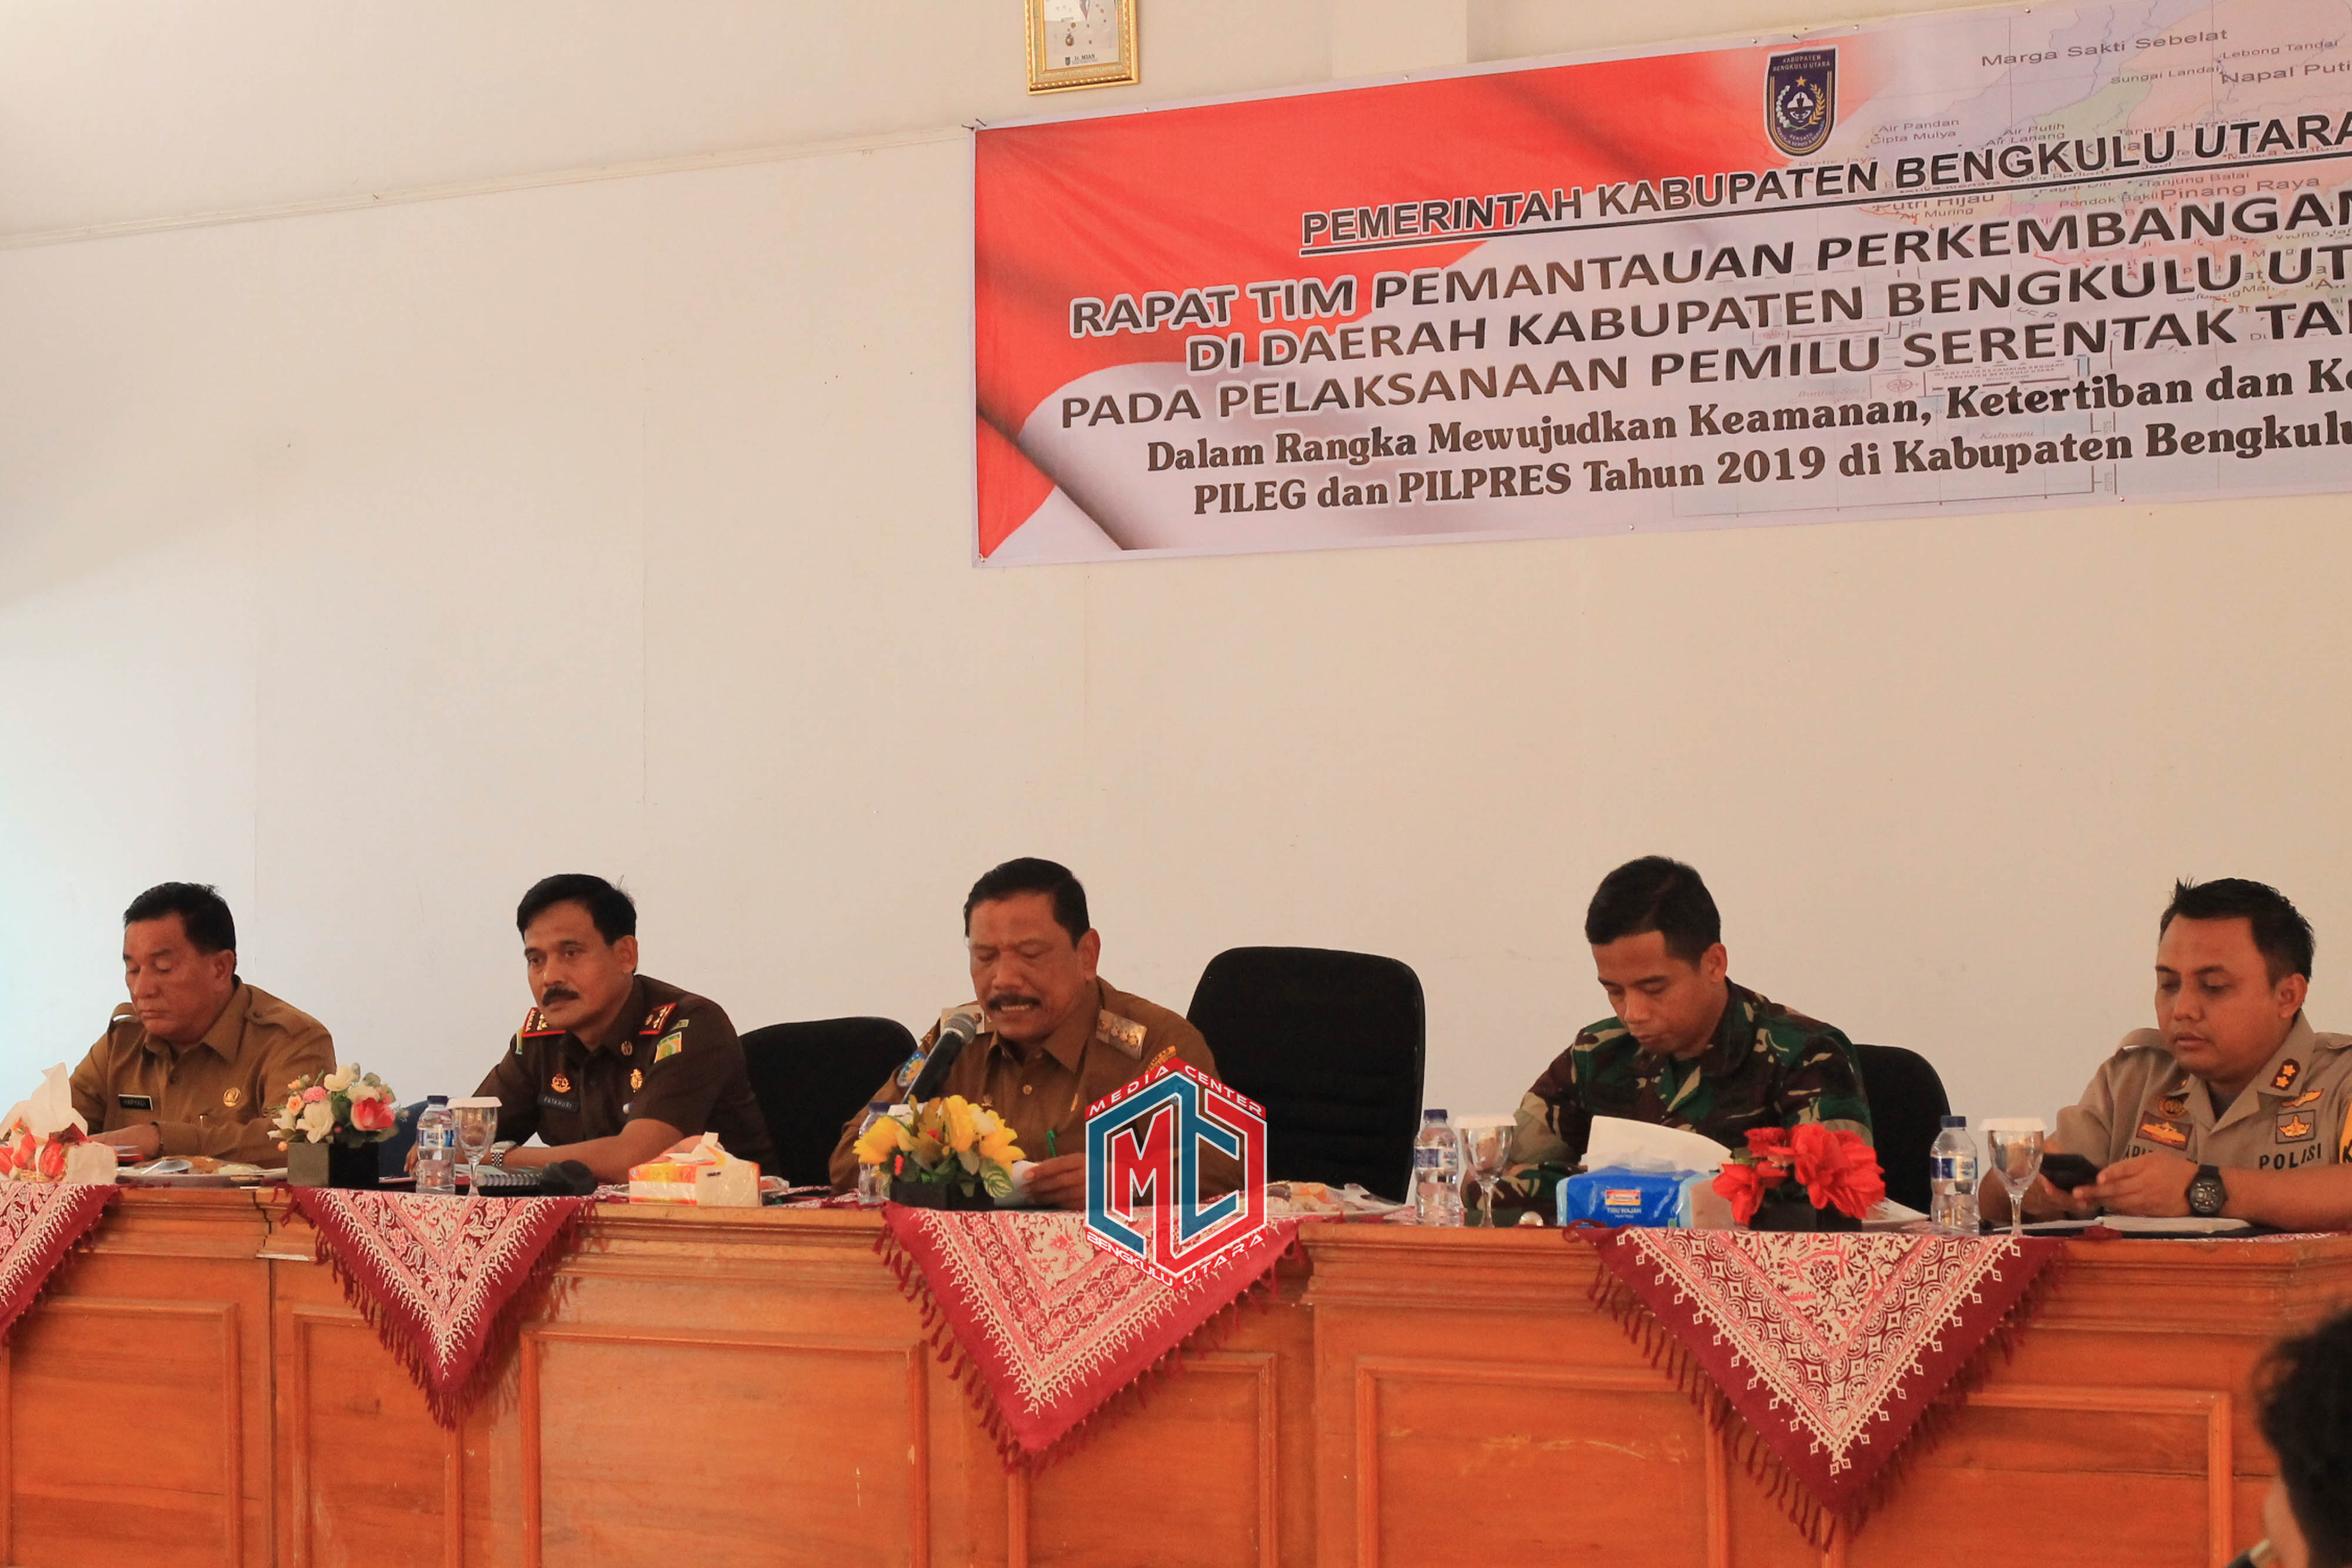 Unsur Forkopimda Kabupaten Bengkulu Utara Bersinergi Sukseskan Pemilu 2019